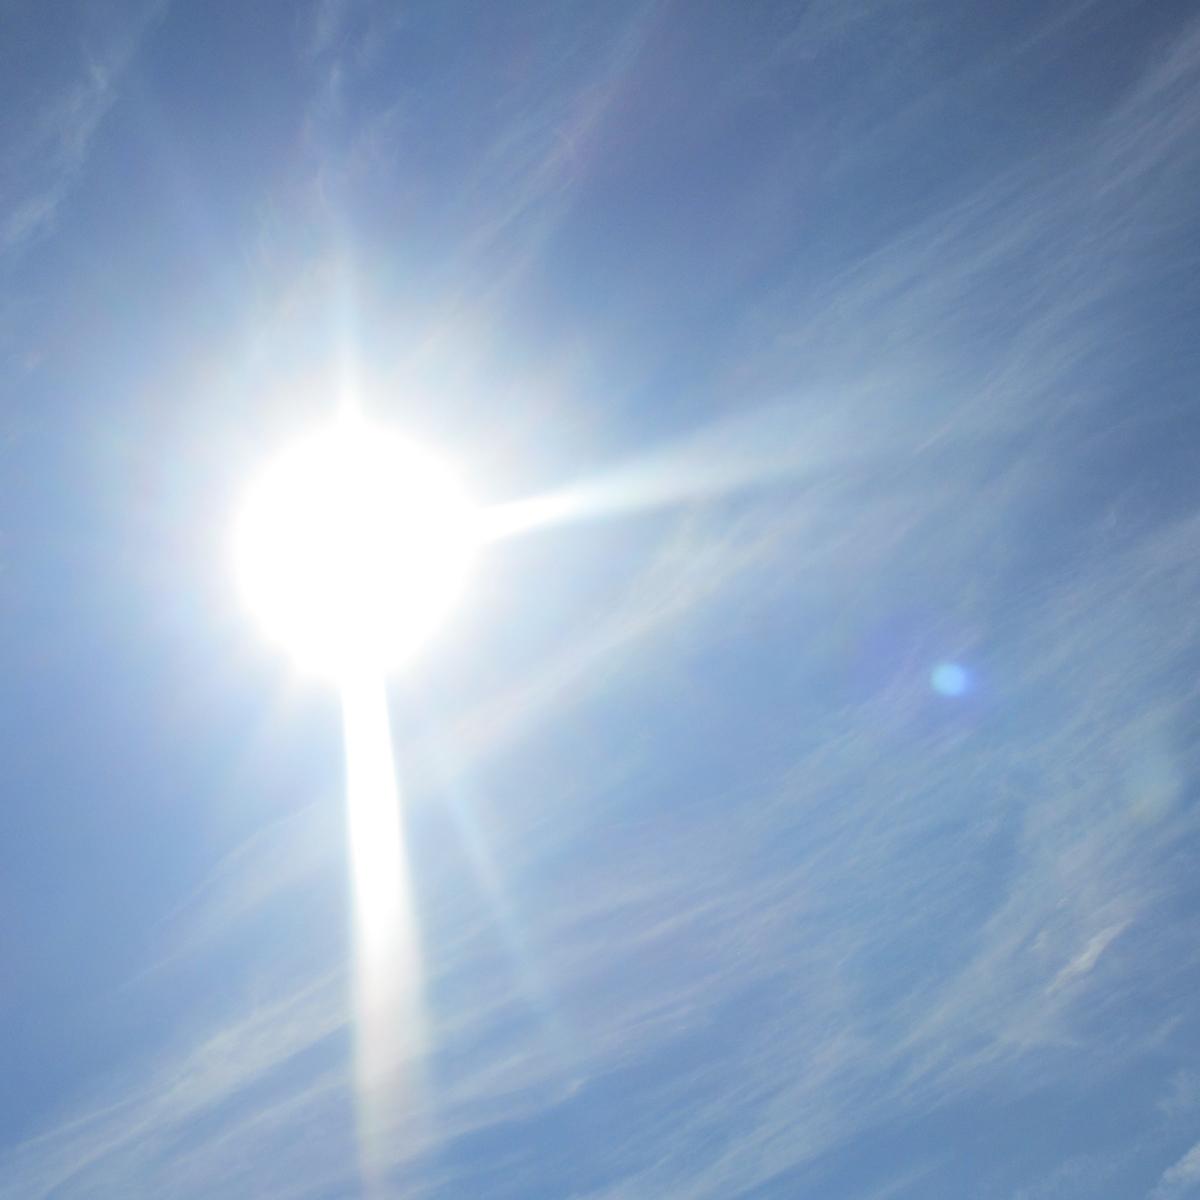 2015年7月9日の空の写真 (2)